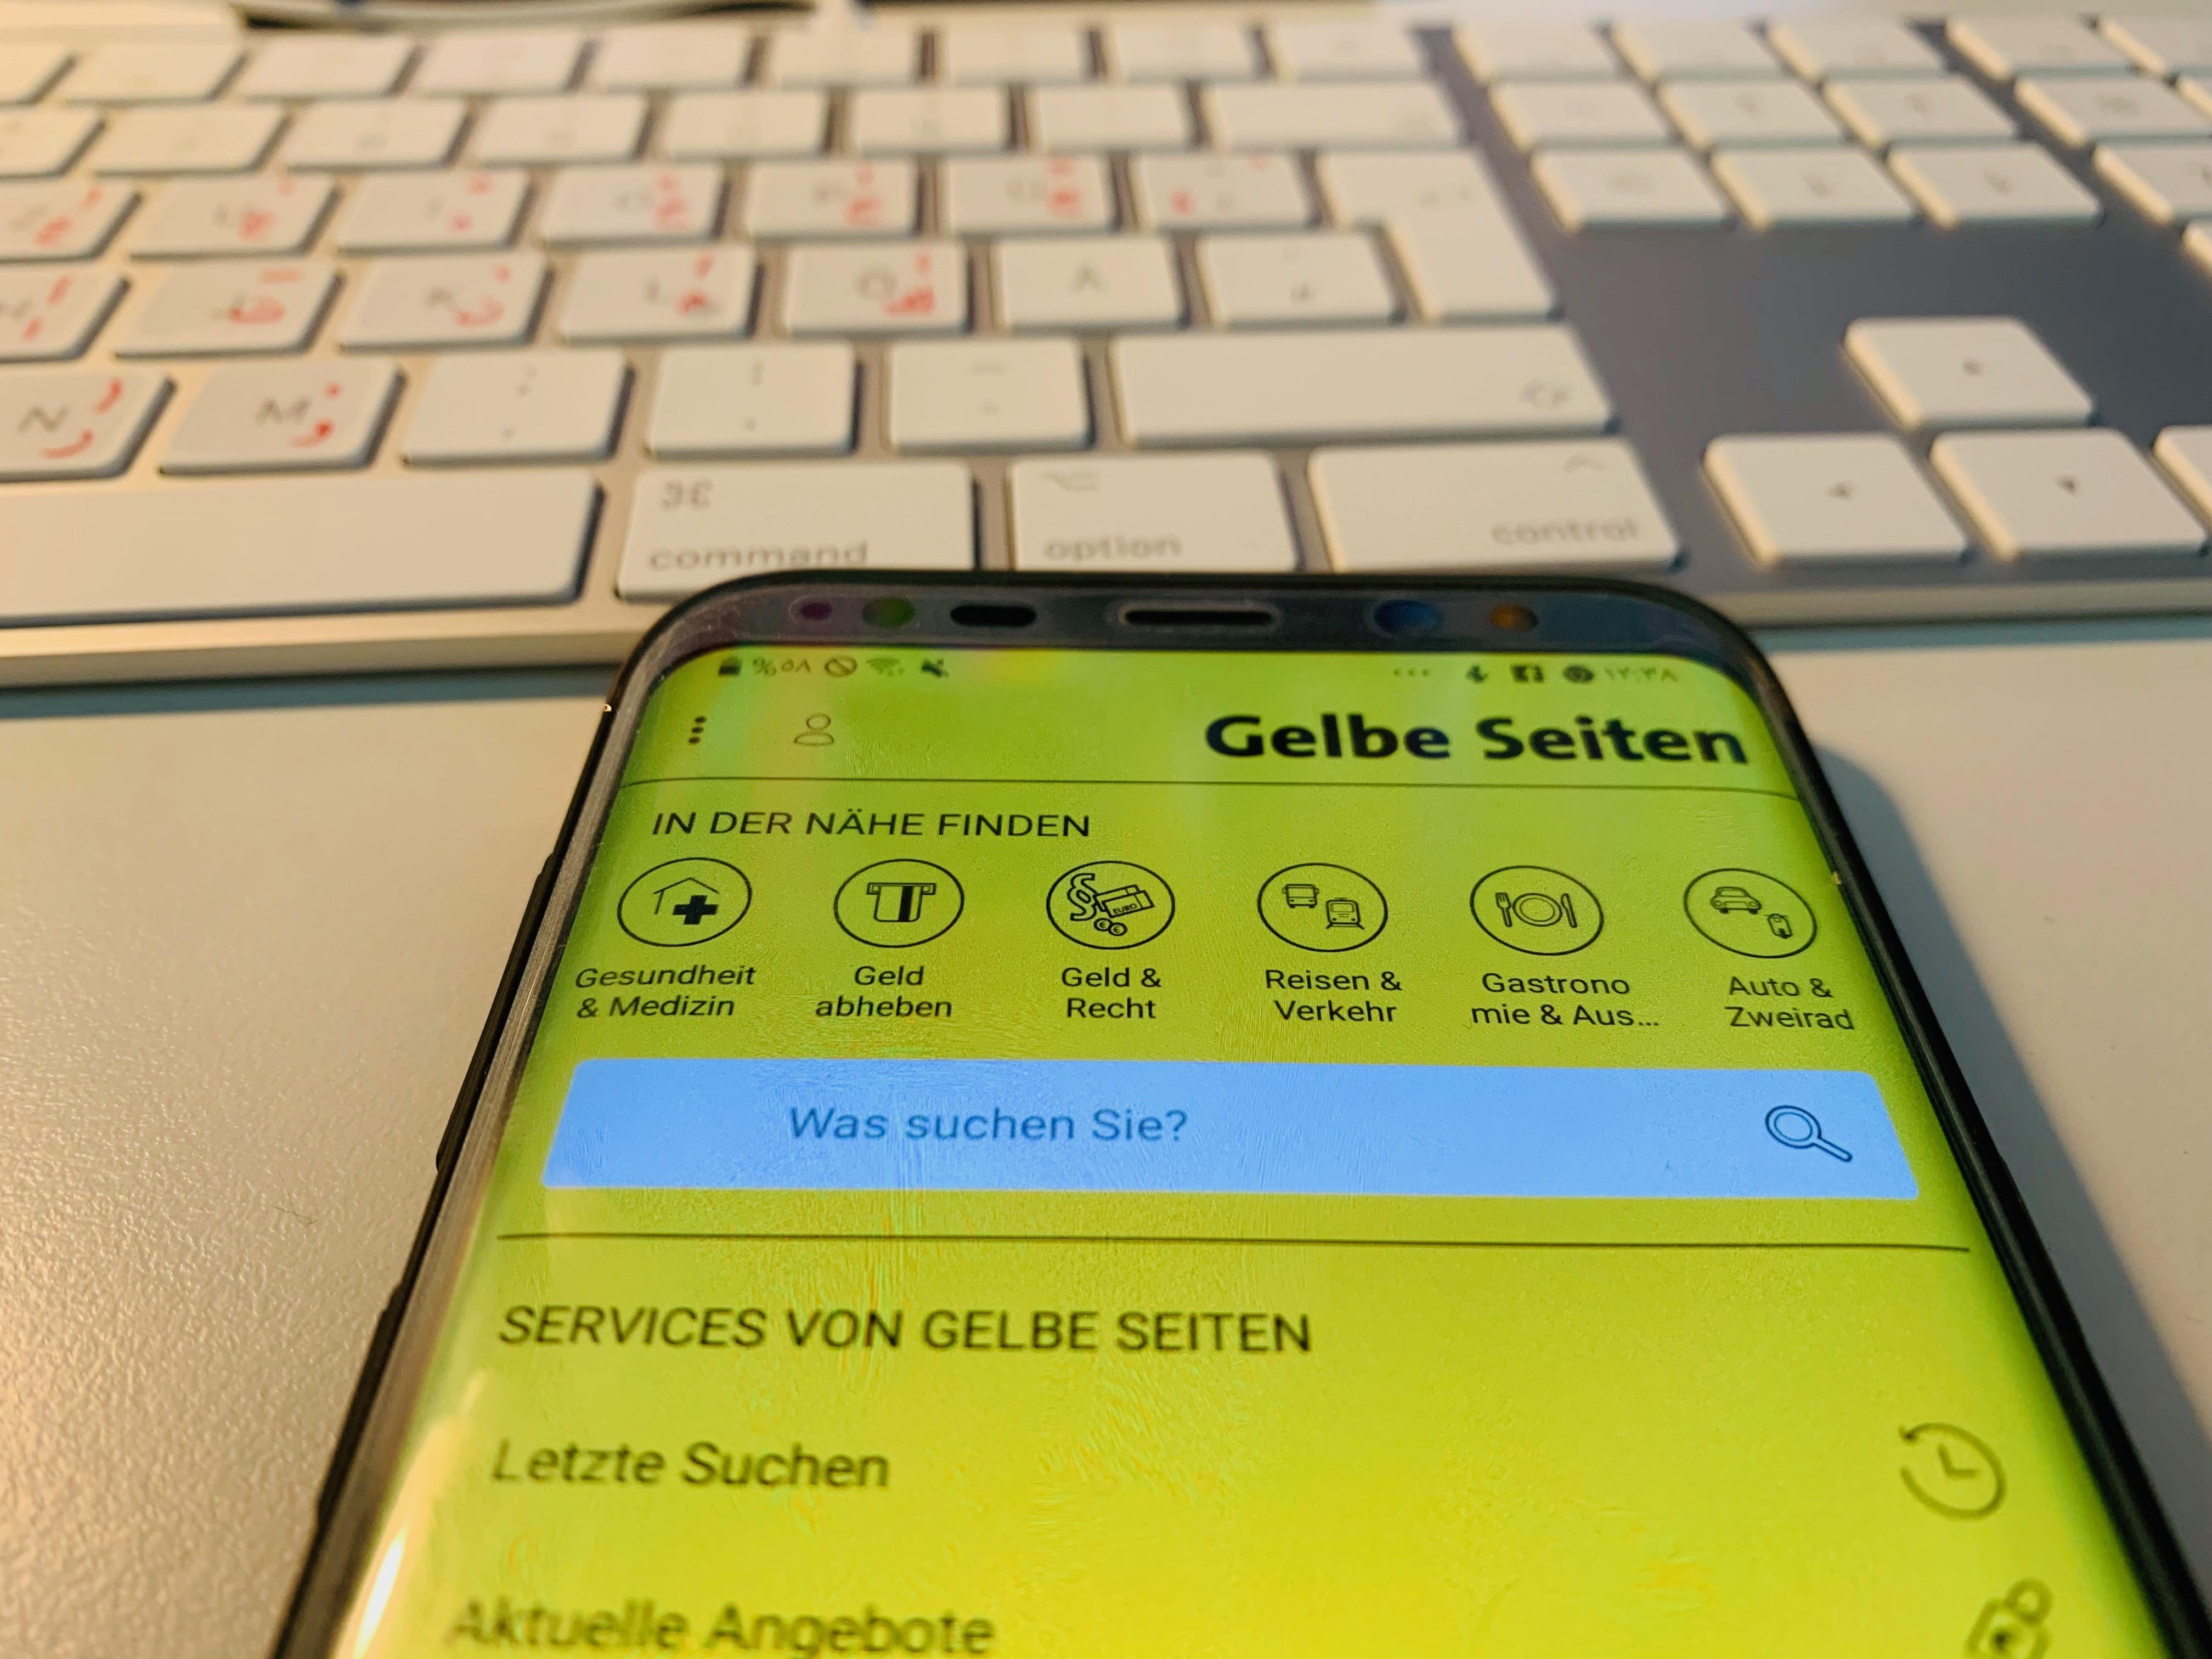 تطبيق الصفحة الصفراء Gelbe Seiten لإيجاد الدكاترة والمشافي في ألمانيا